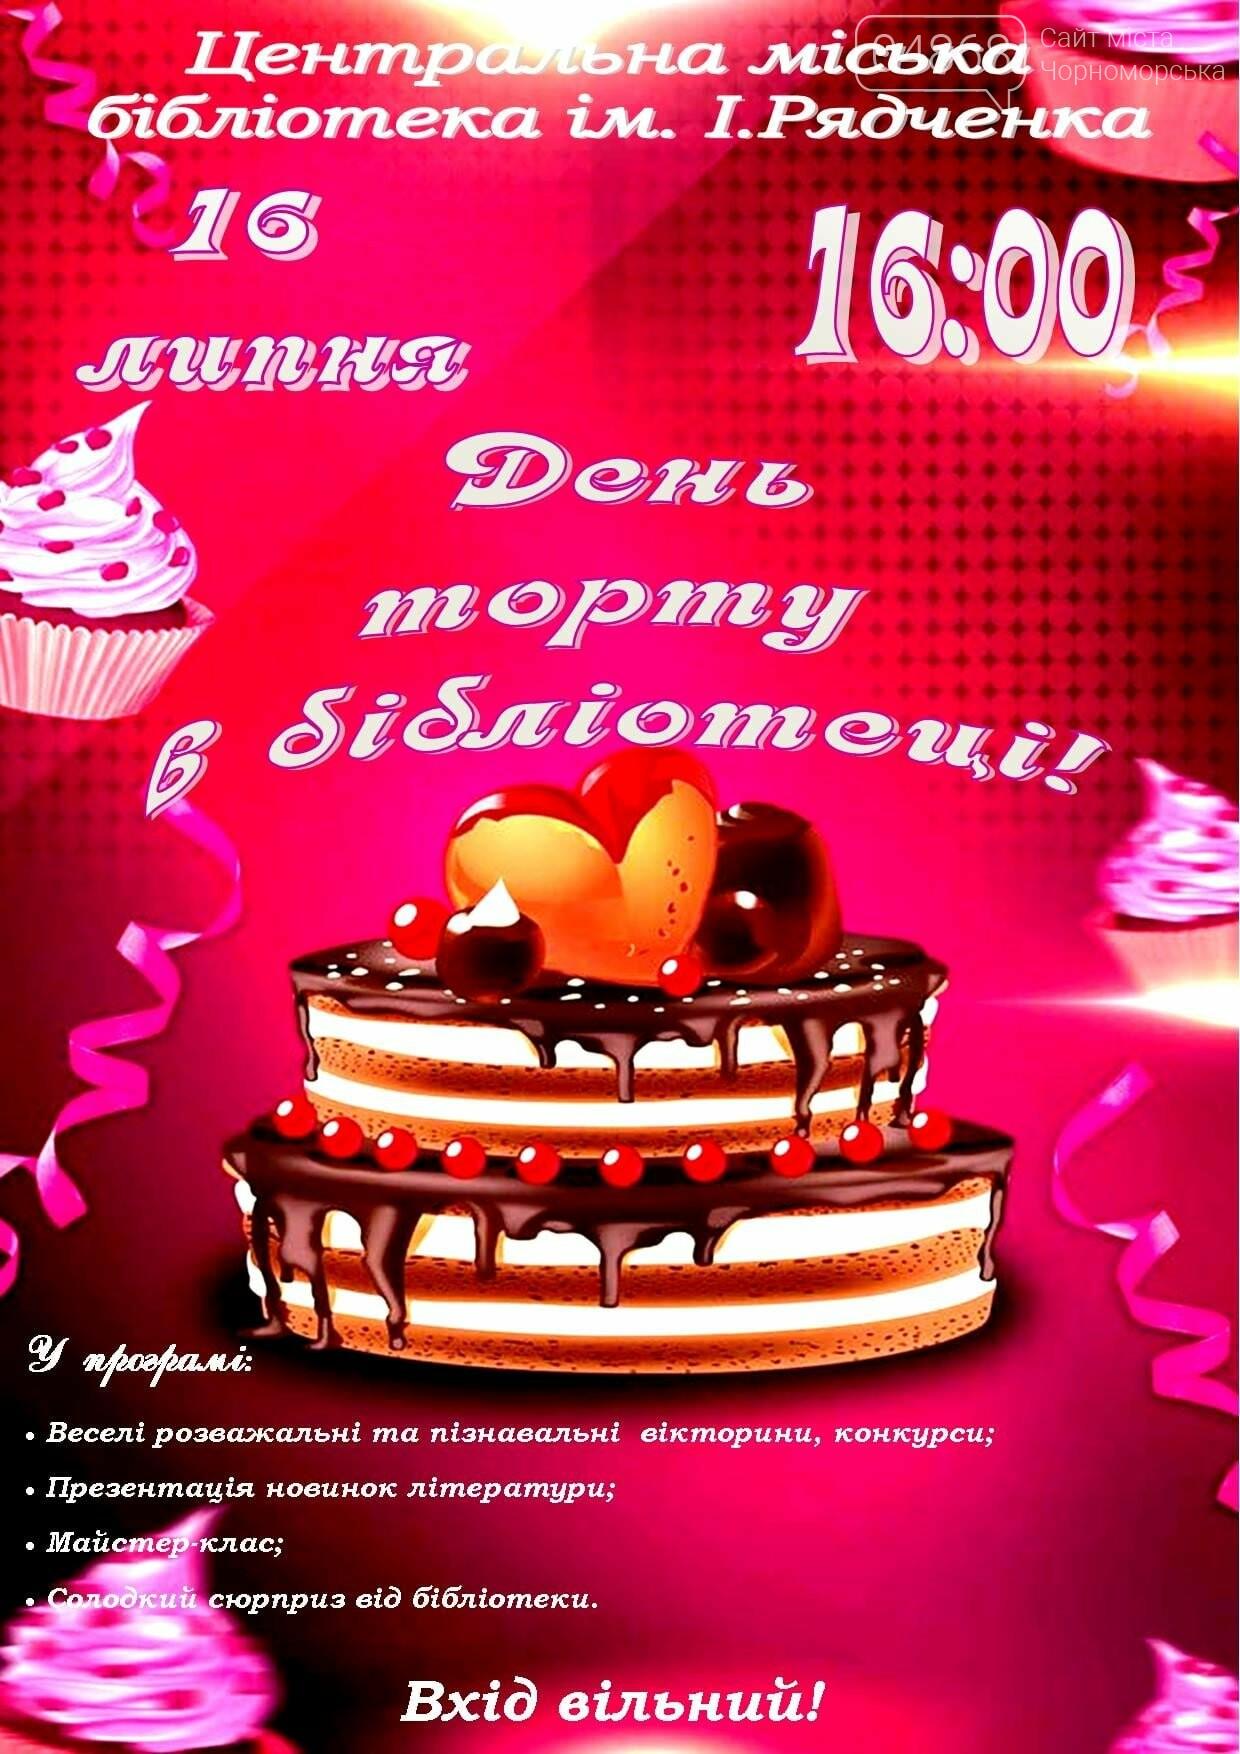 Международный день торта приглашают отметить в библиотеке им.И.Рядченко, фото-1